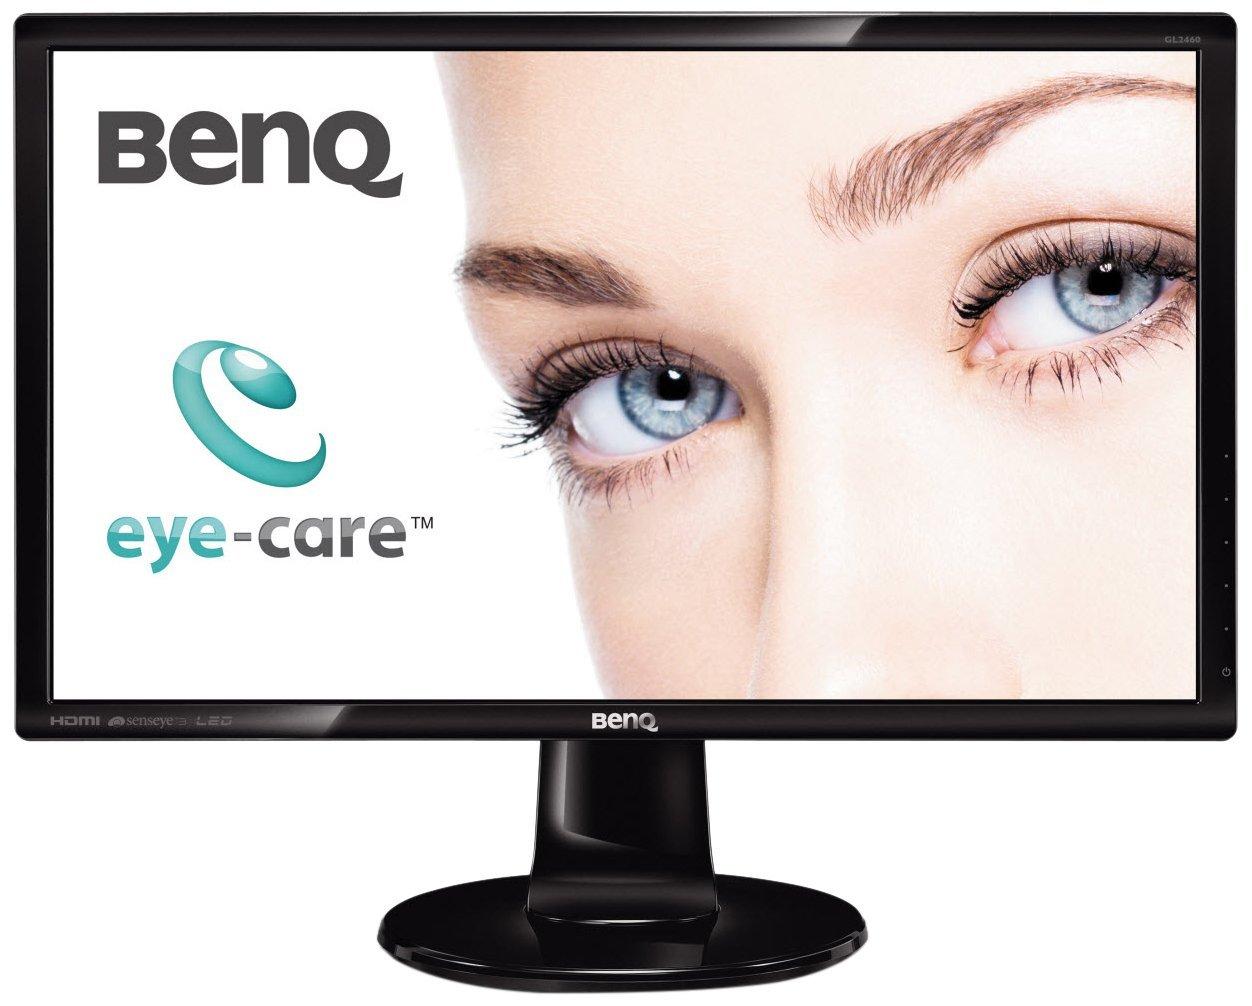 BenQ GW2480, É cran Eye-Care de 23.8 pouces, Affichage FHD 1920 x 1080, IPS, Brightness Intelligence,  Low Blue Light, Flicker-Free, Cadre ultra-fin, HDMI Écran Eye-Care de 23.8 pouces